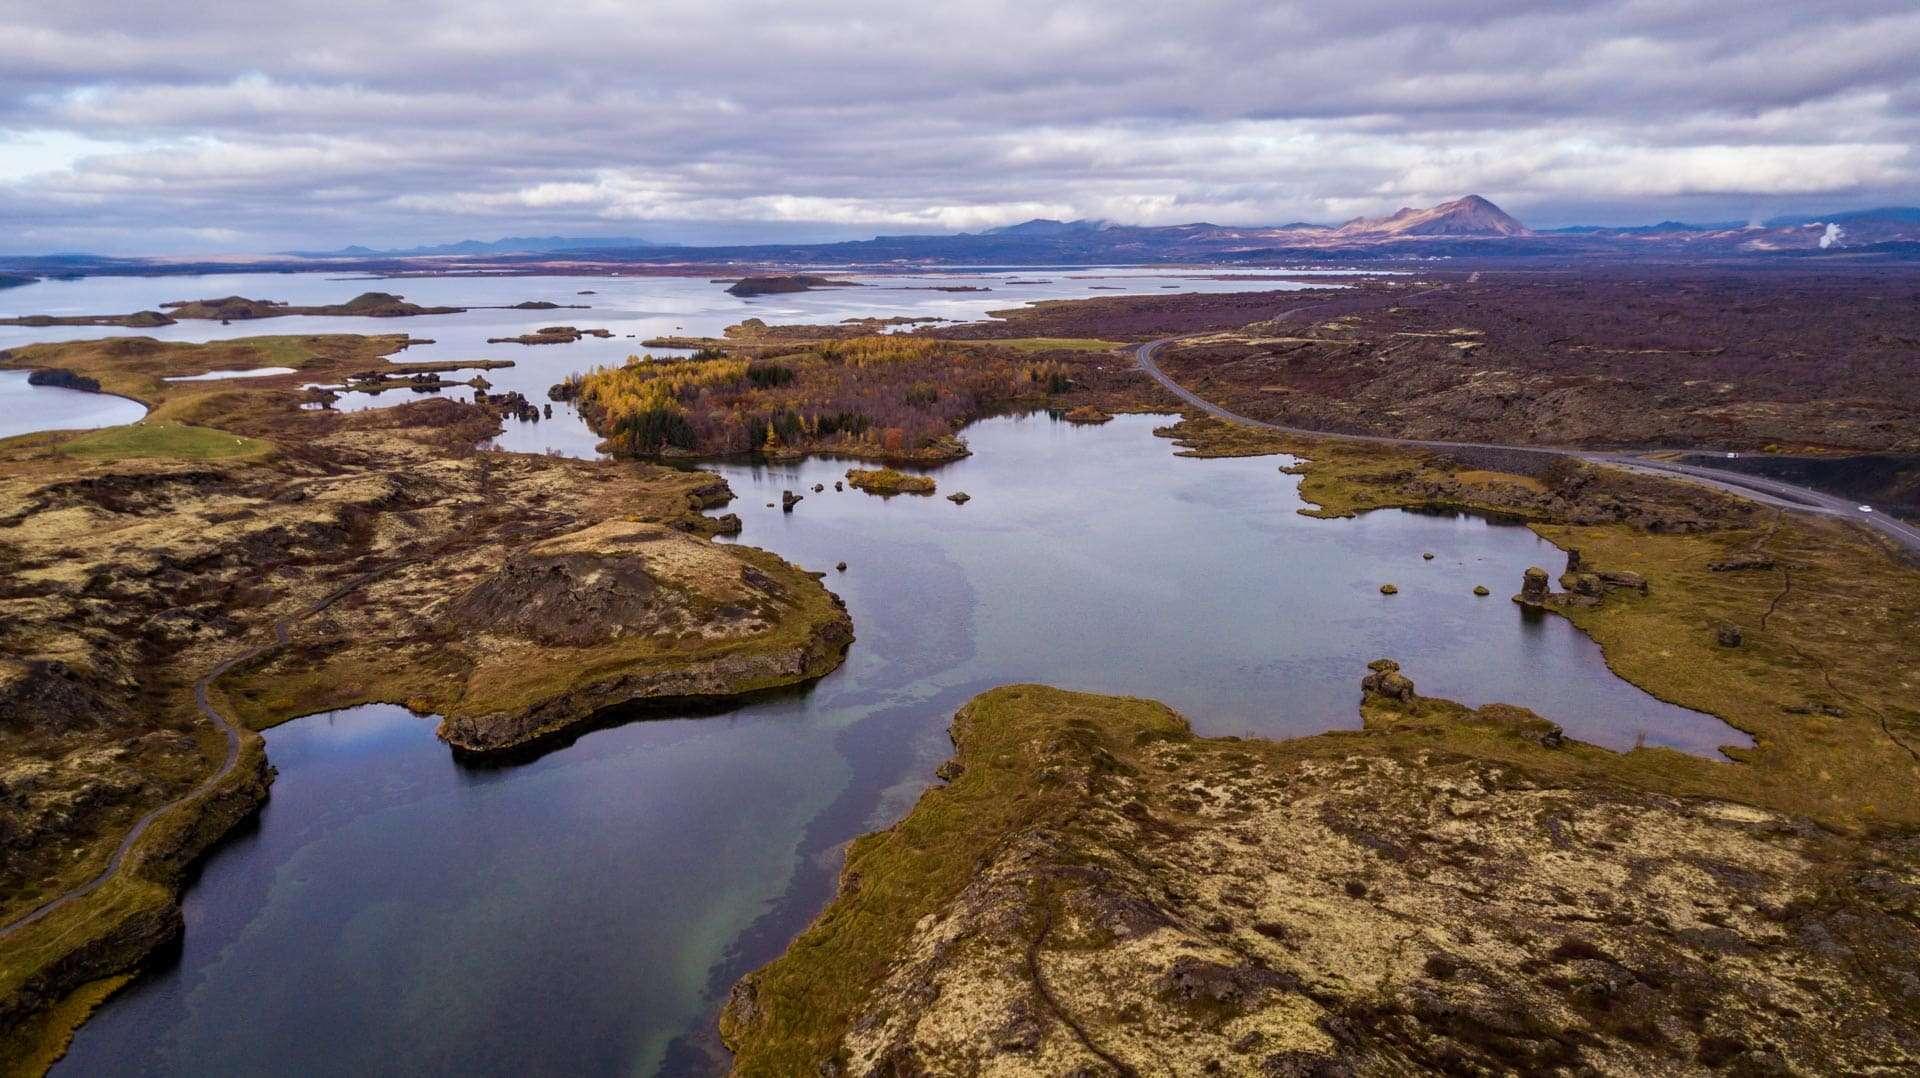 Itinerário na Arctic Coast Way - Arctic Coast Way itinerary